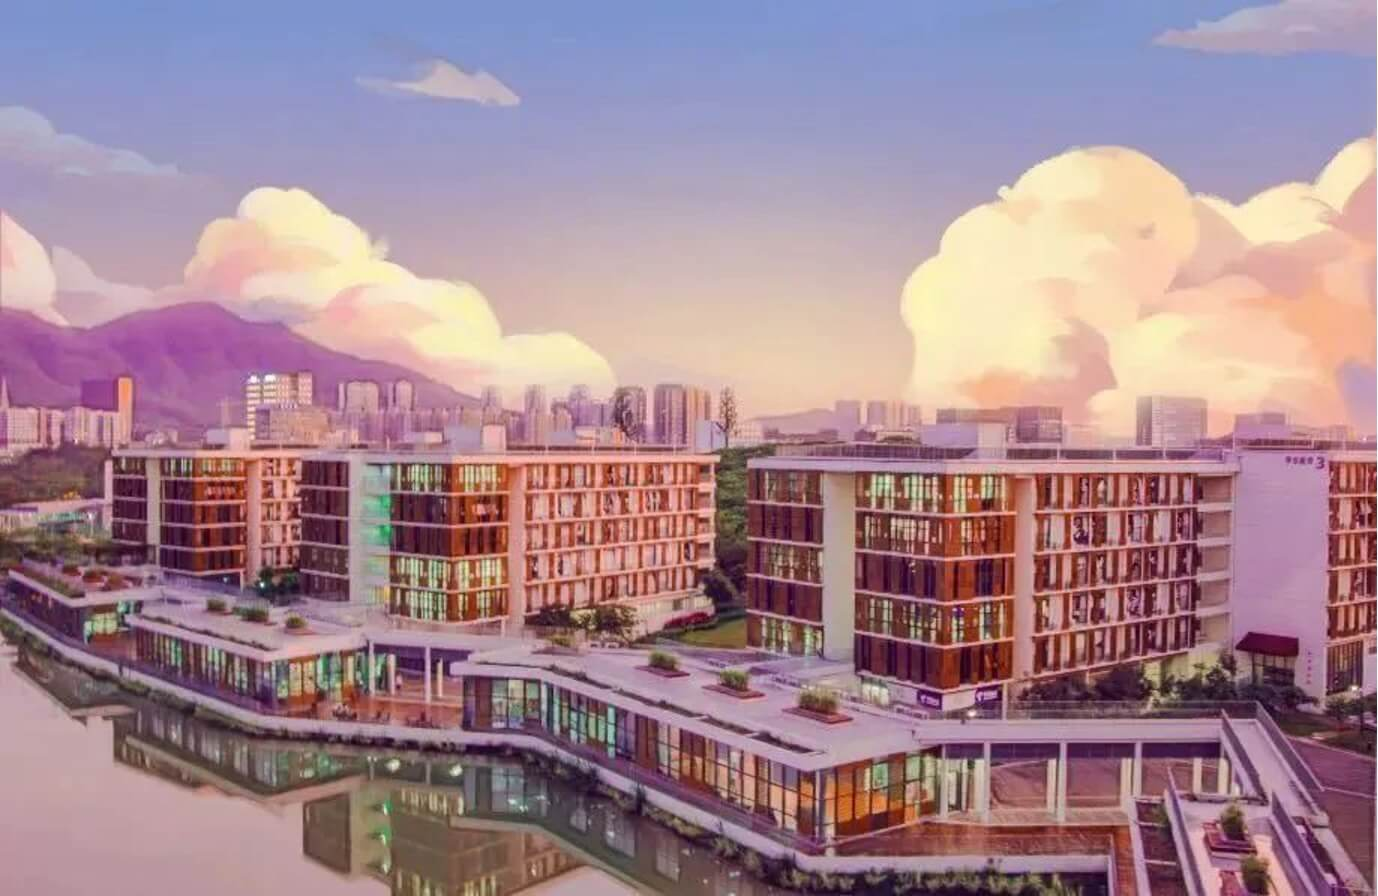 2021 中文學生開源年會將於 10 月在南方科技大學舉辦